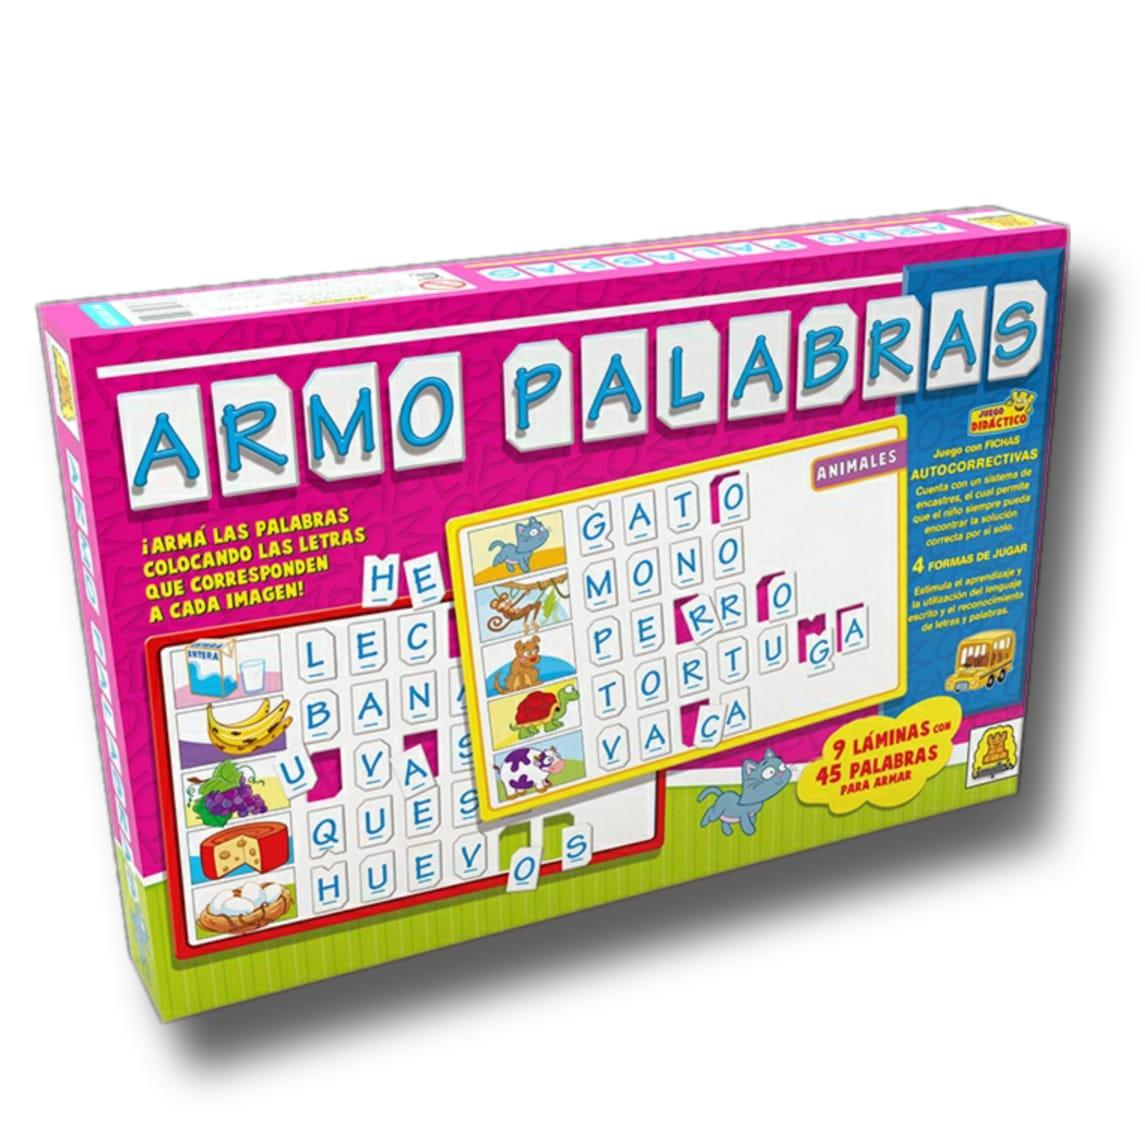 ARMO PALABRAS